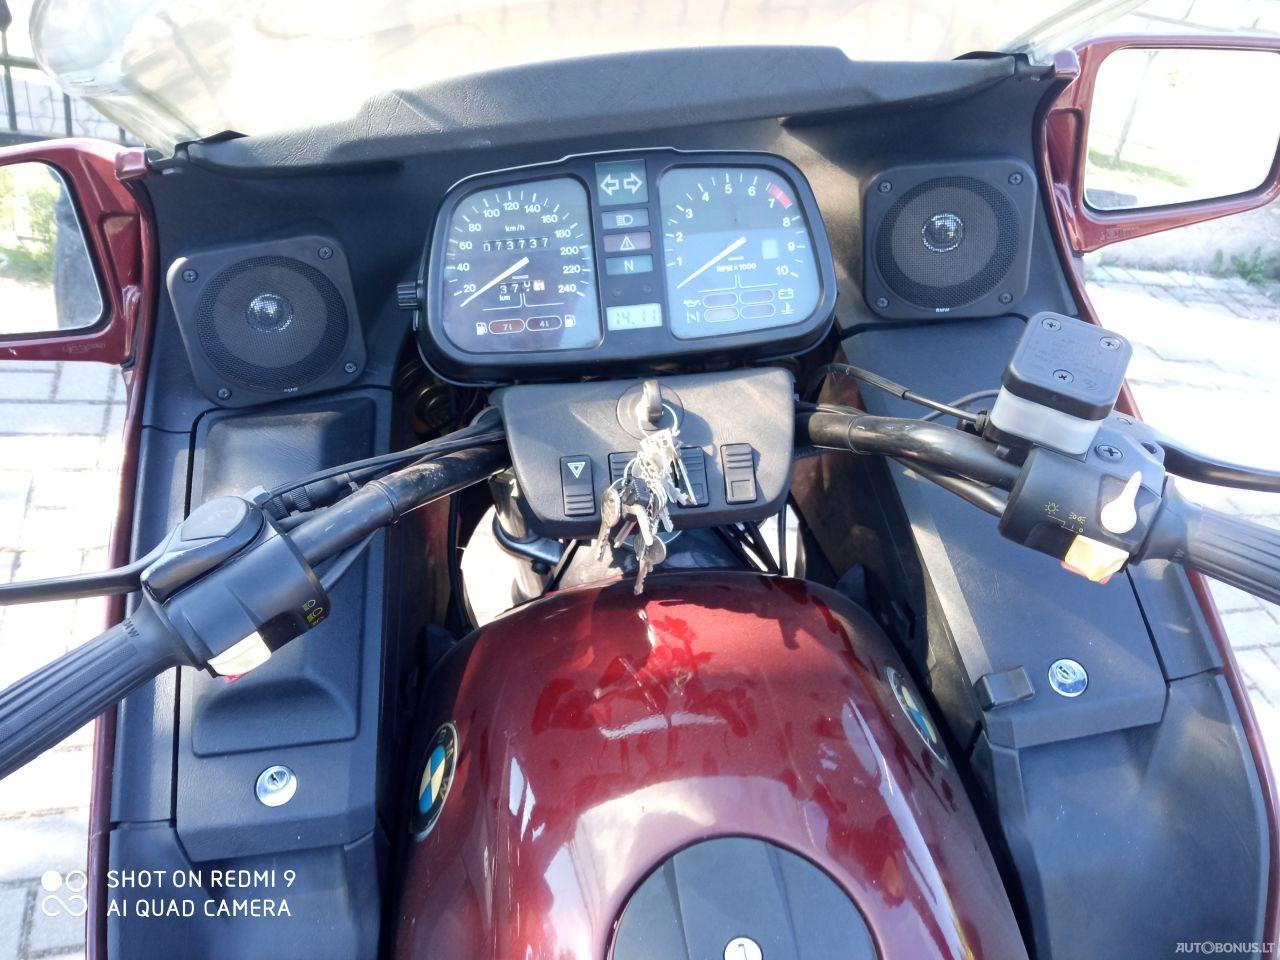 BMW R, Cruiser/Touring